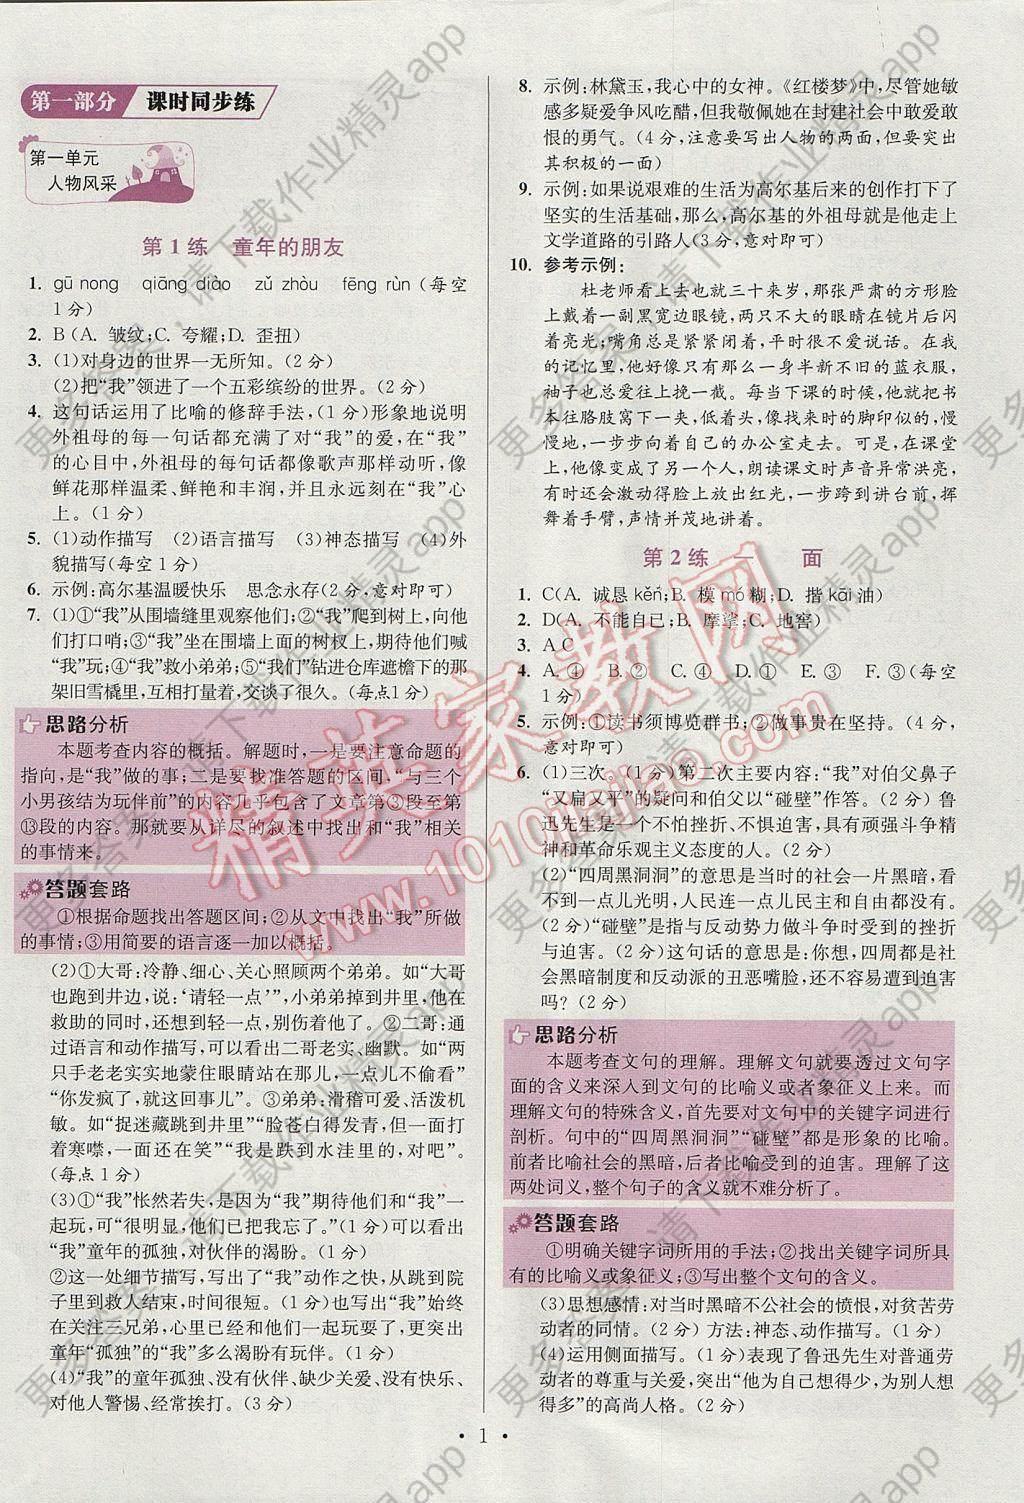 2017年初中语文小题狂做七年级下册江苏版提